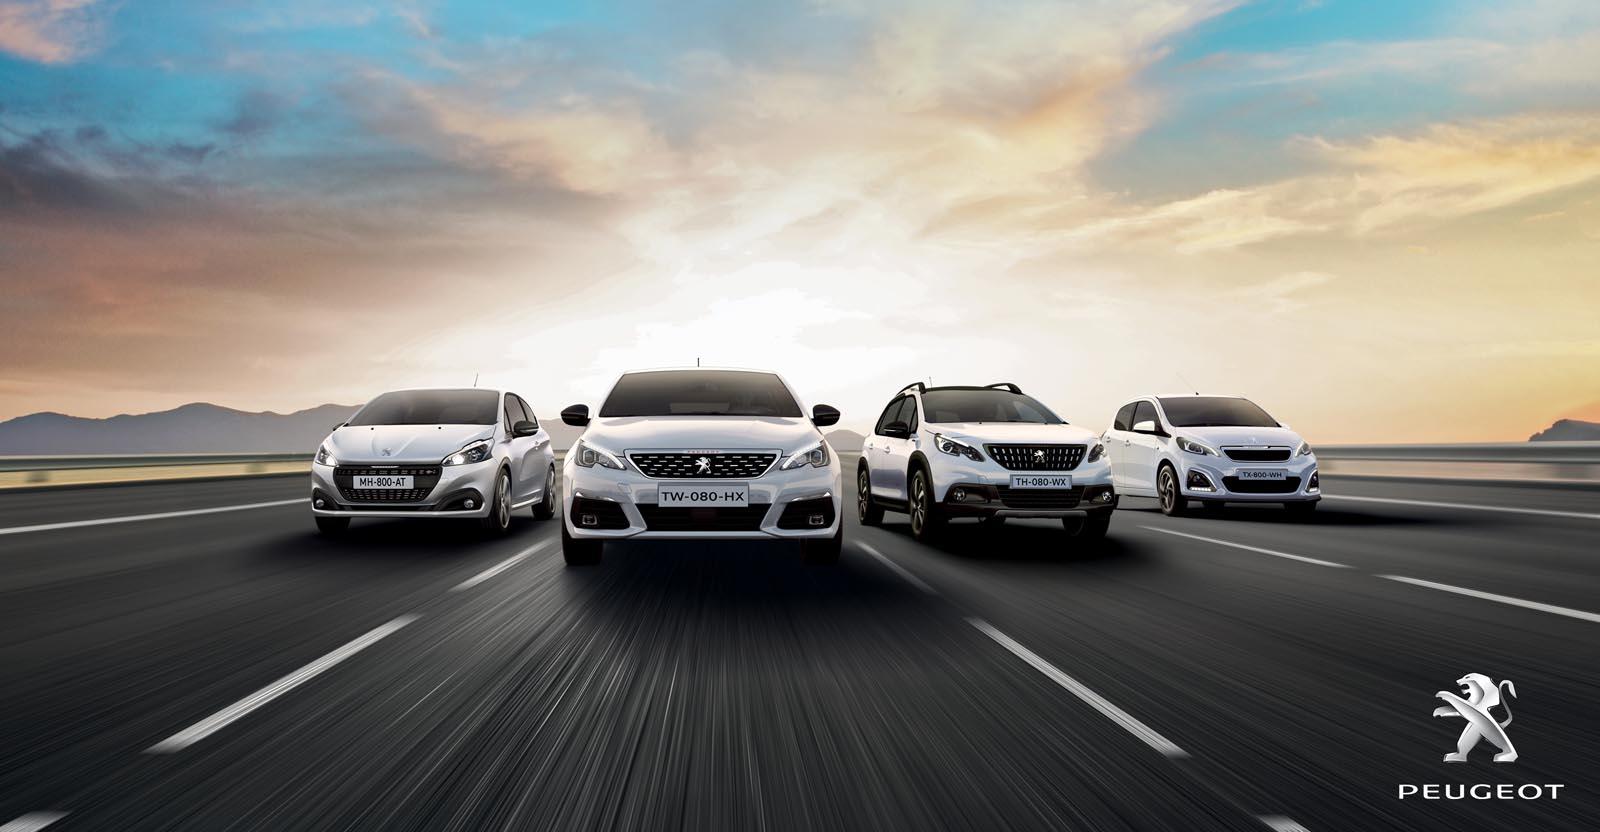 Photo of Ελληνική αγορά: Άνοδος πωλήσεων για την Peugeot το 2018!